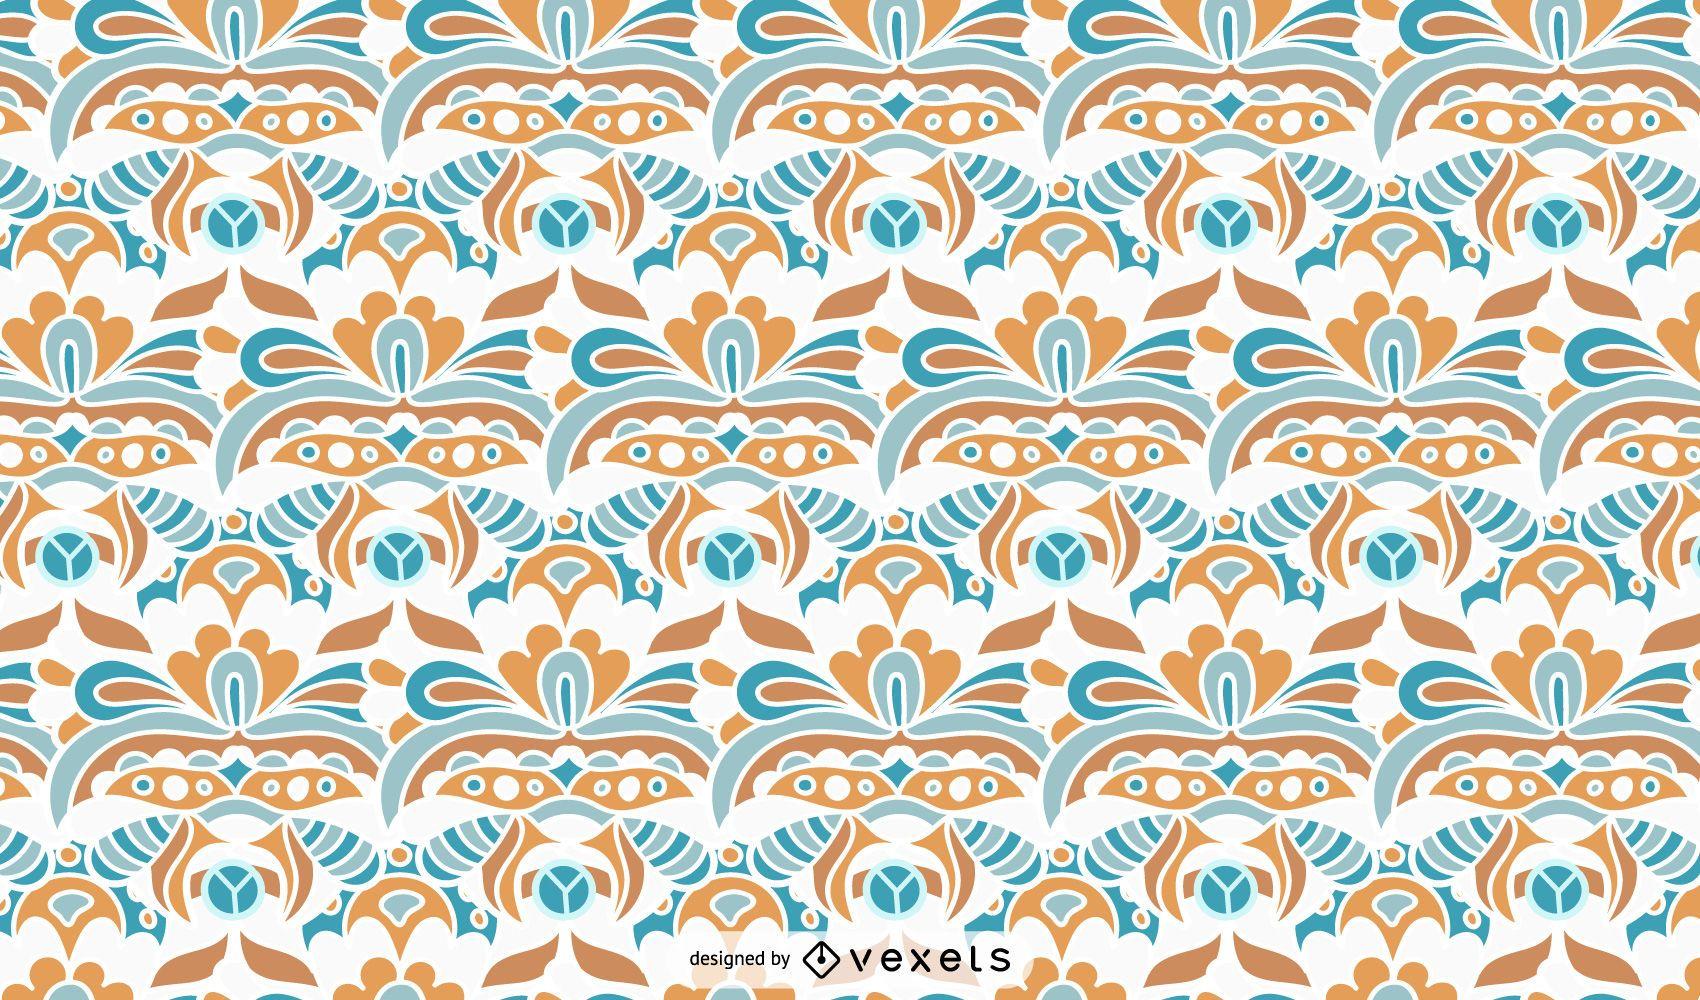 Vintage Ornamental Pattern Design